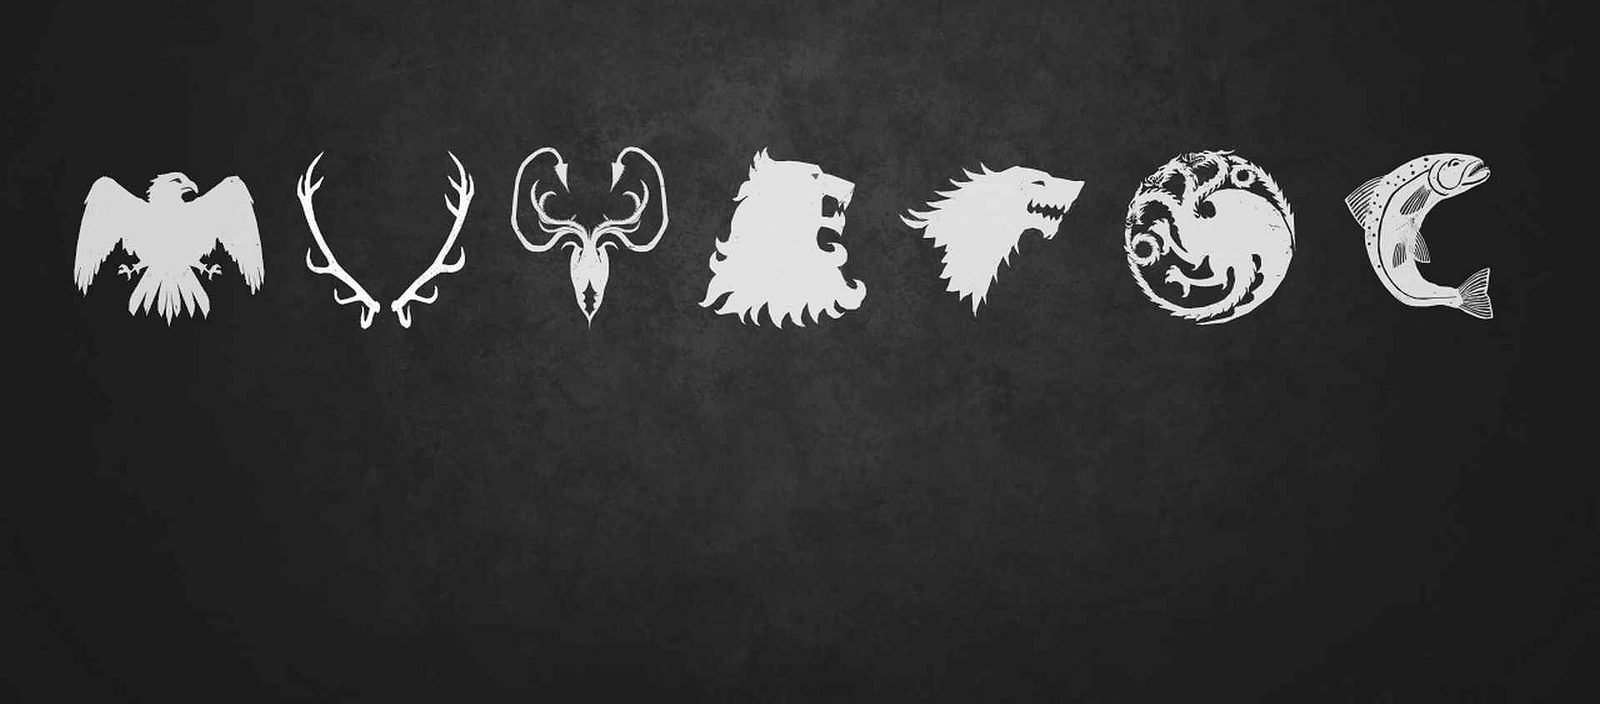 Campañas de marketing en redes sociales de juegos de tronos